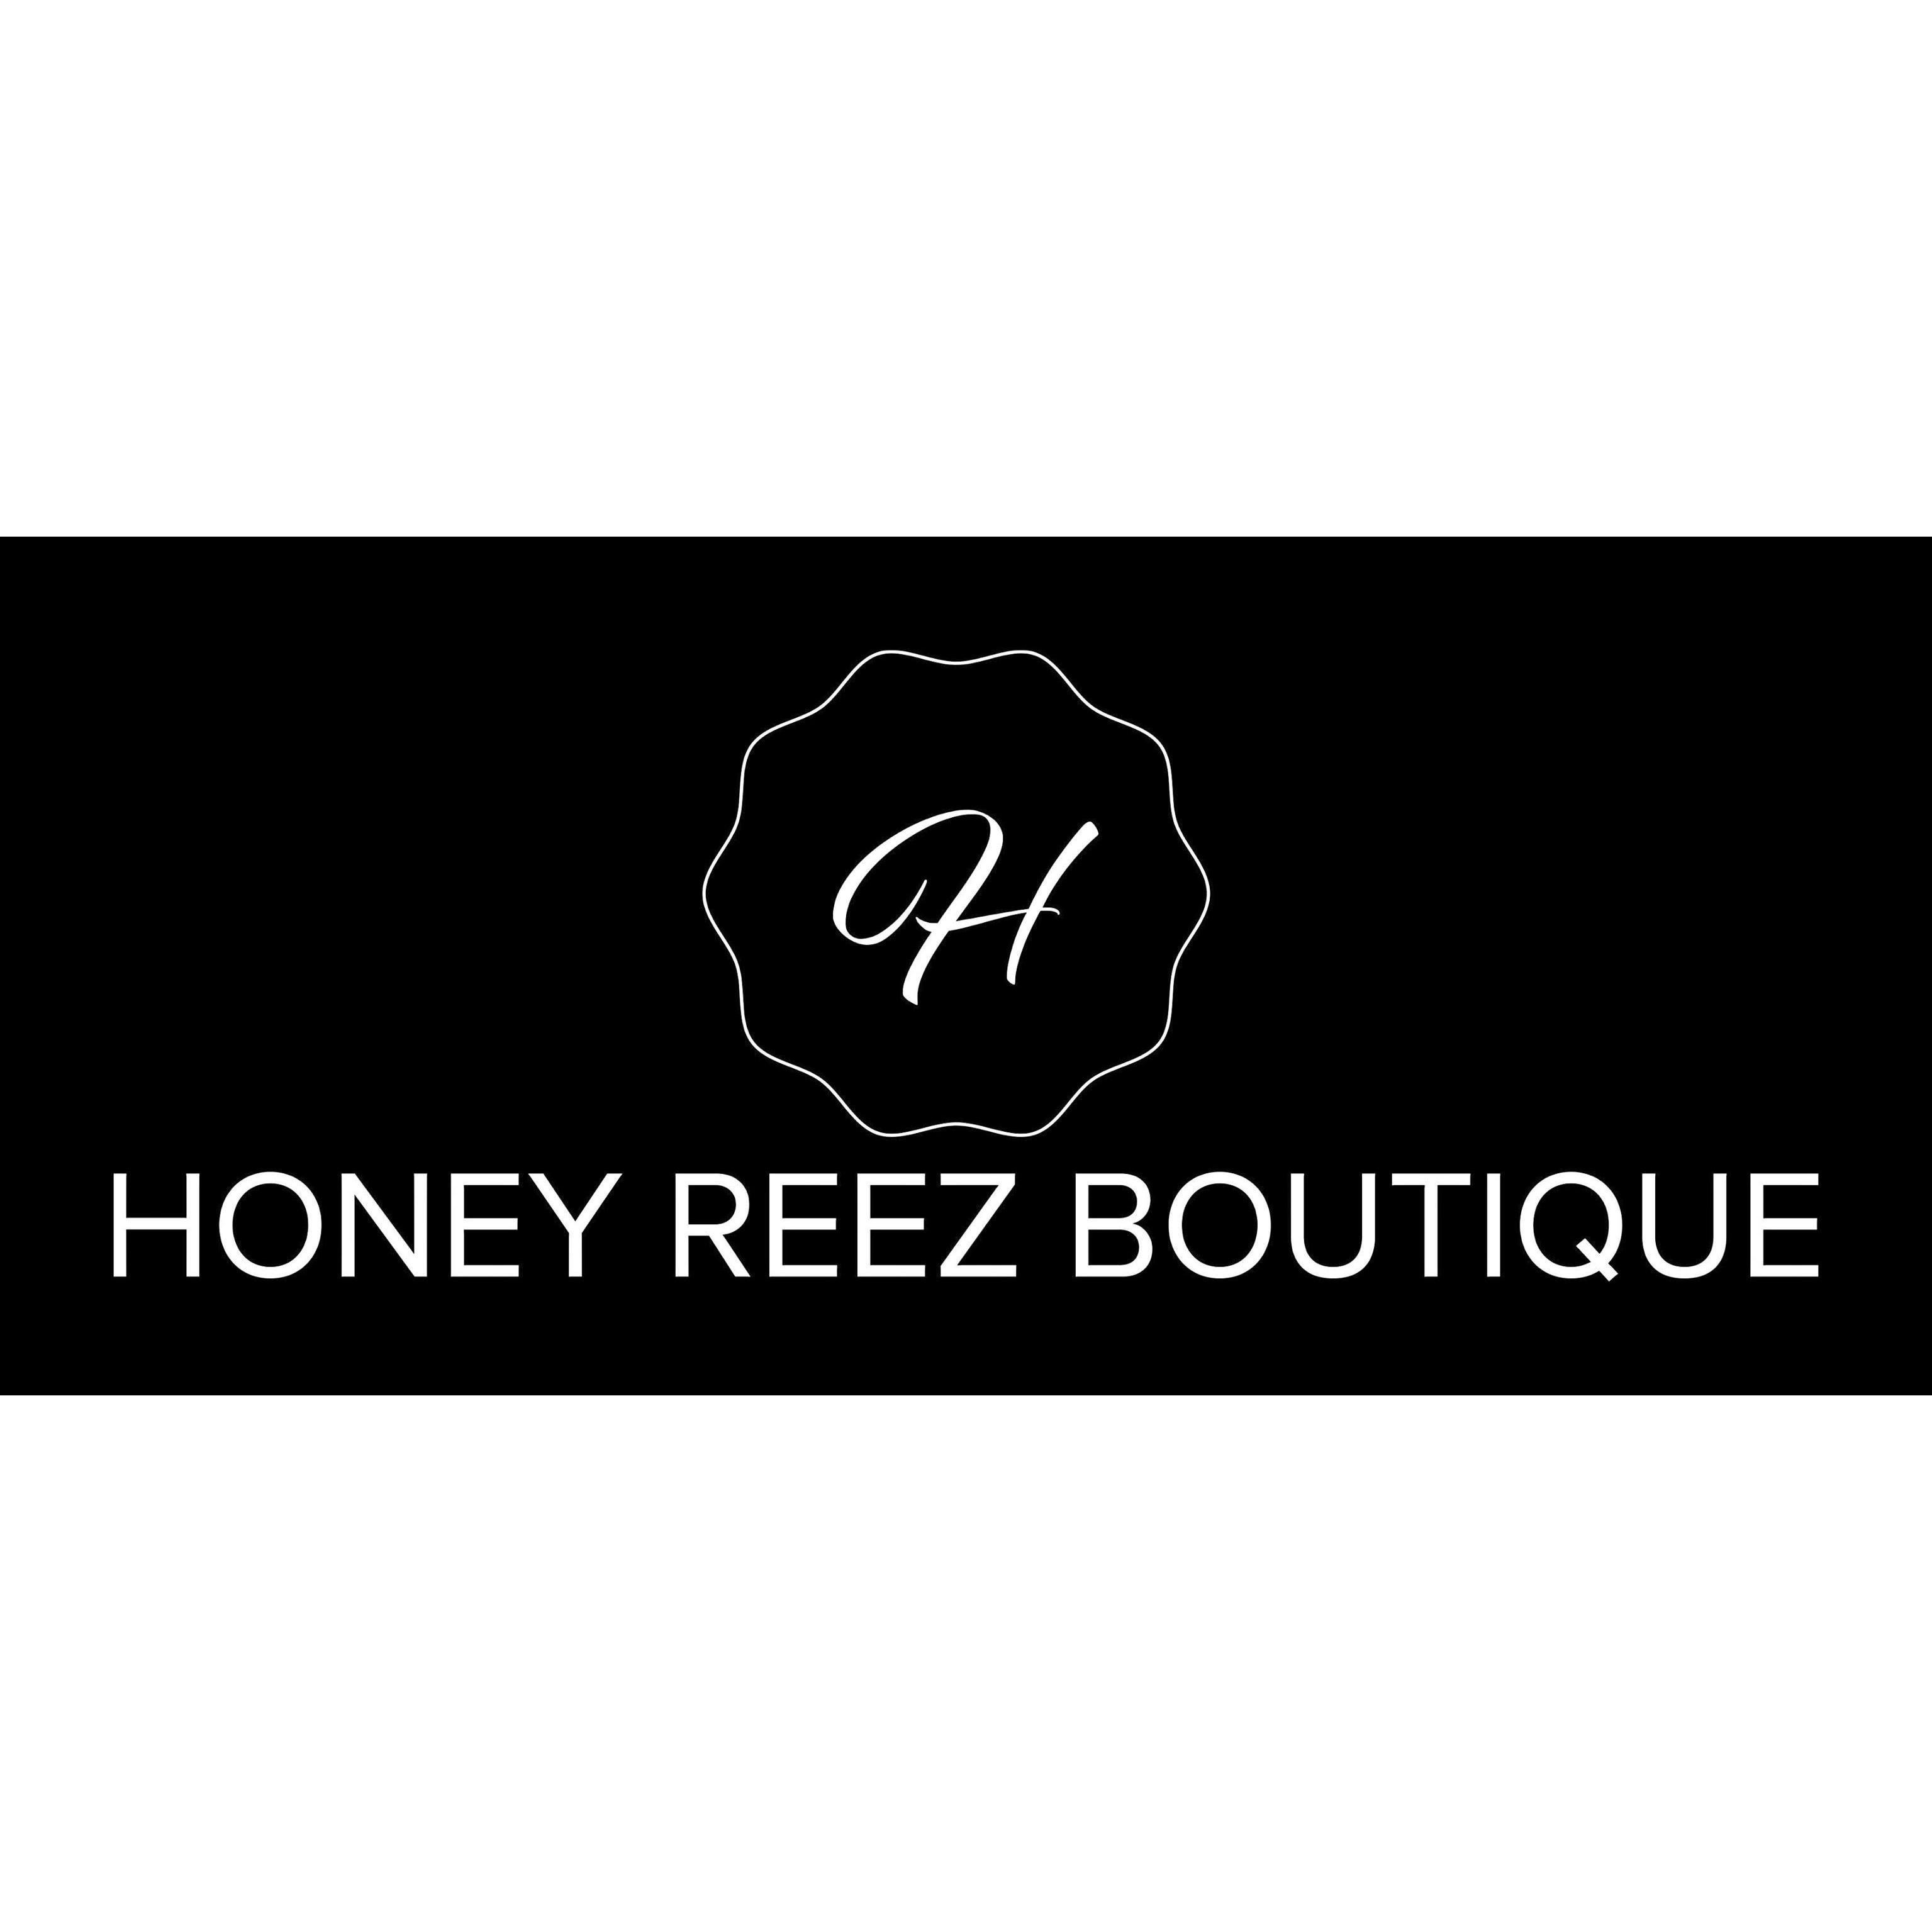 Honey Reez Boutique